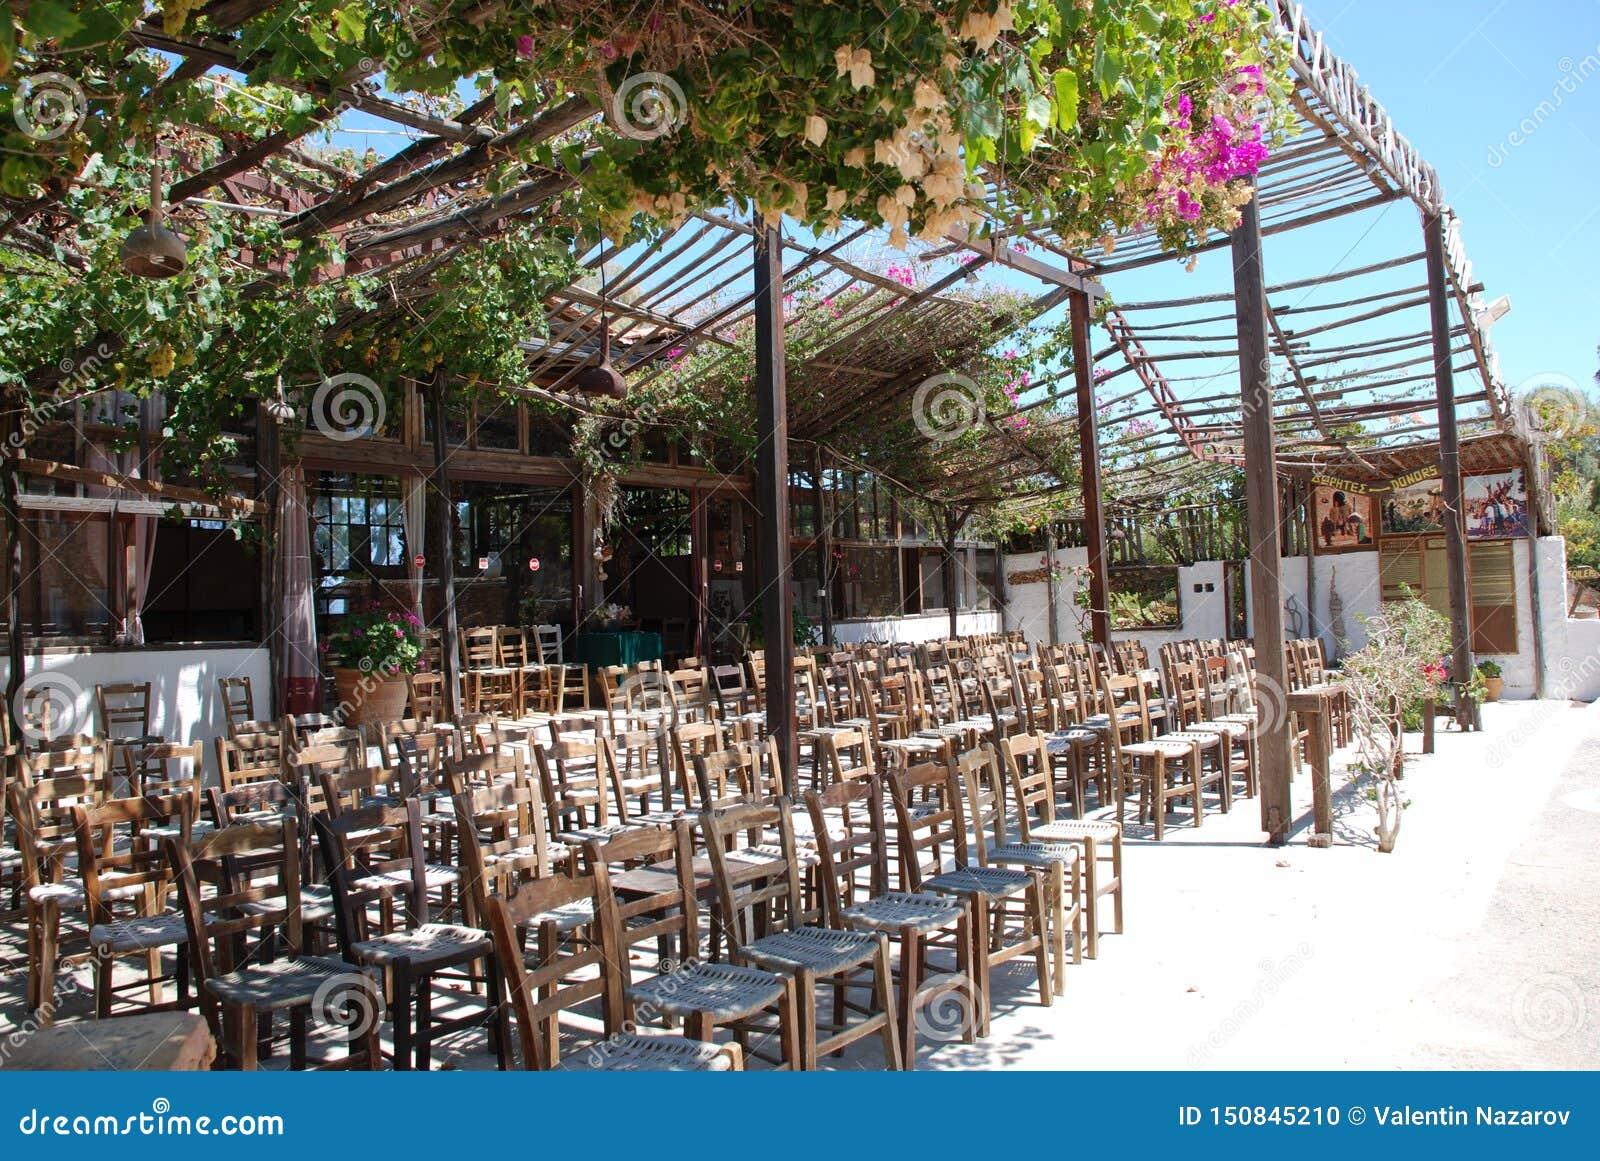 Chersonissos, Chipre, Grécia - 31 07 2013: muitas cadeiras no jardim sob o céu quente do verão e um dossel das flores